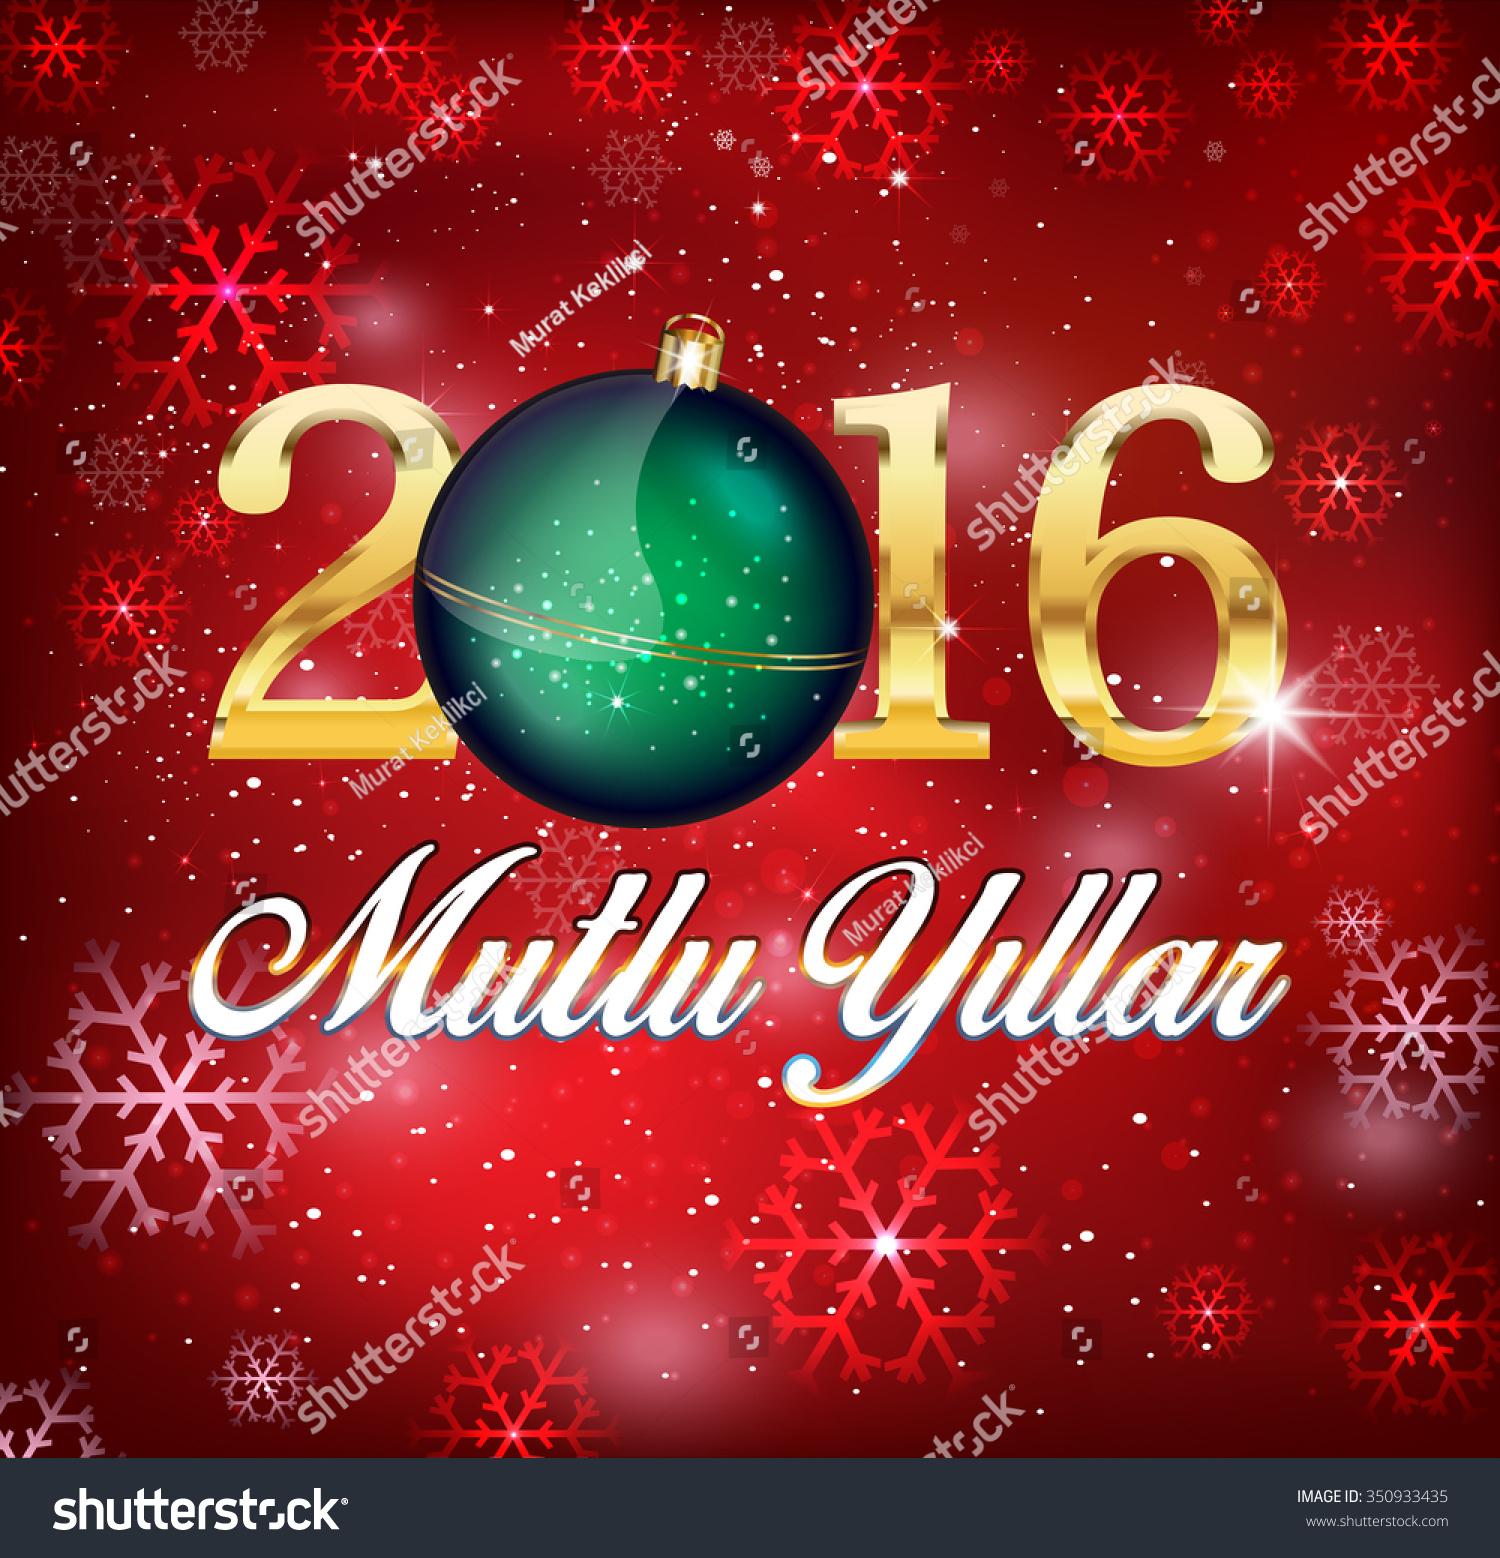 Happy New Year Turkish Mutlu Yillar Stock Vector 350933435 ...